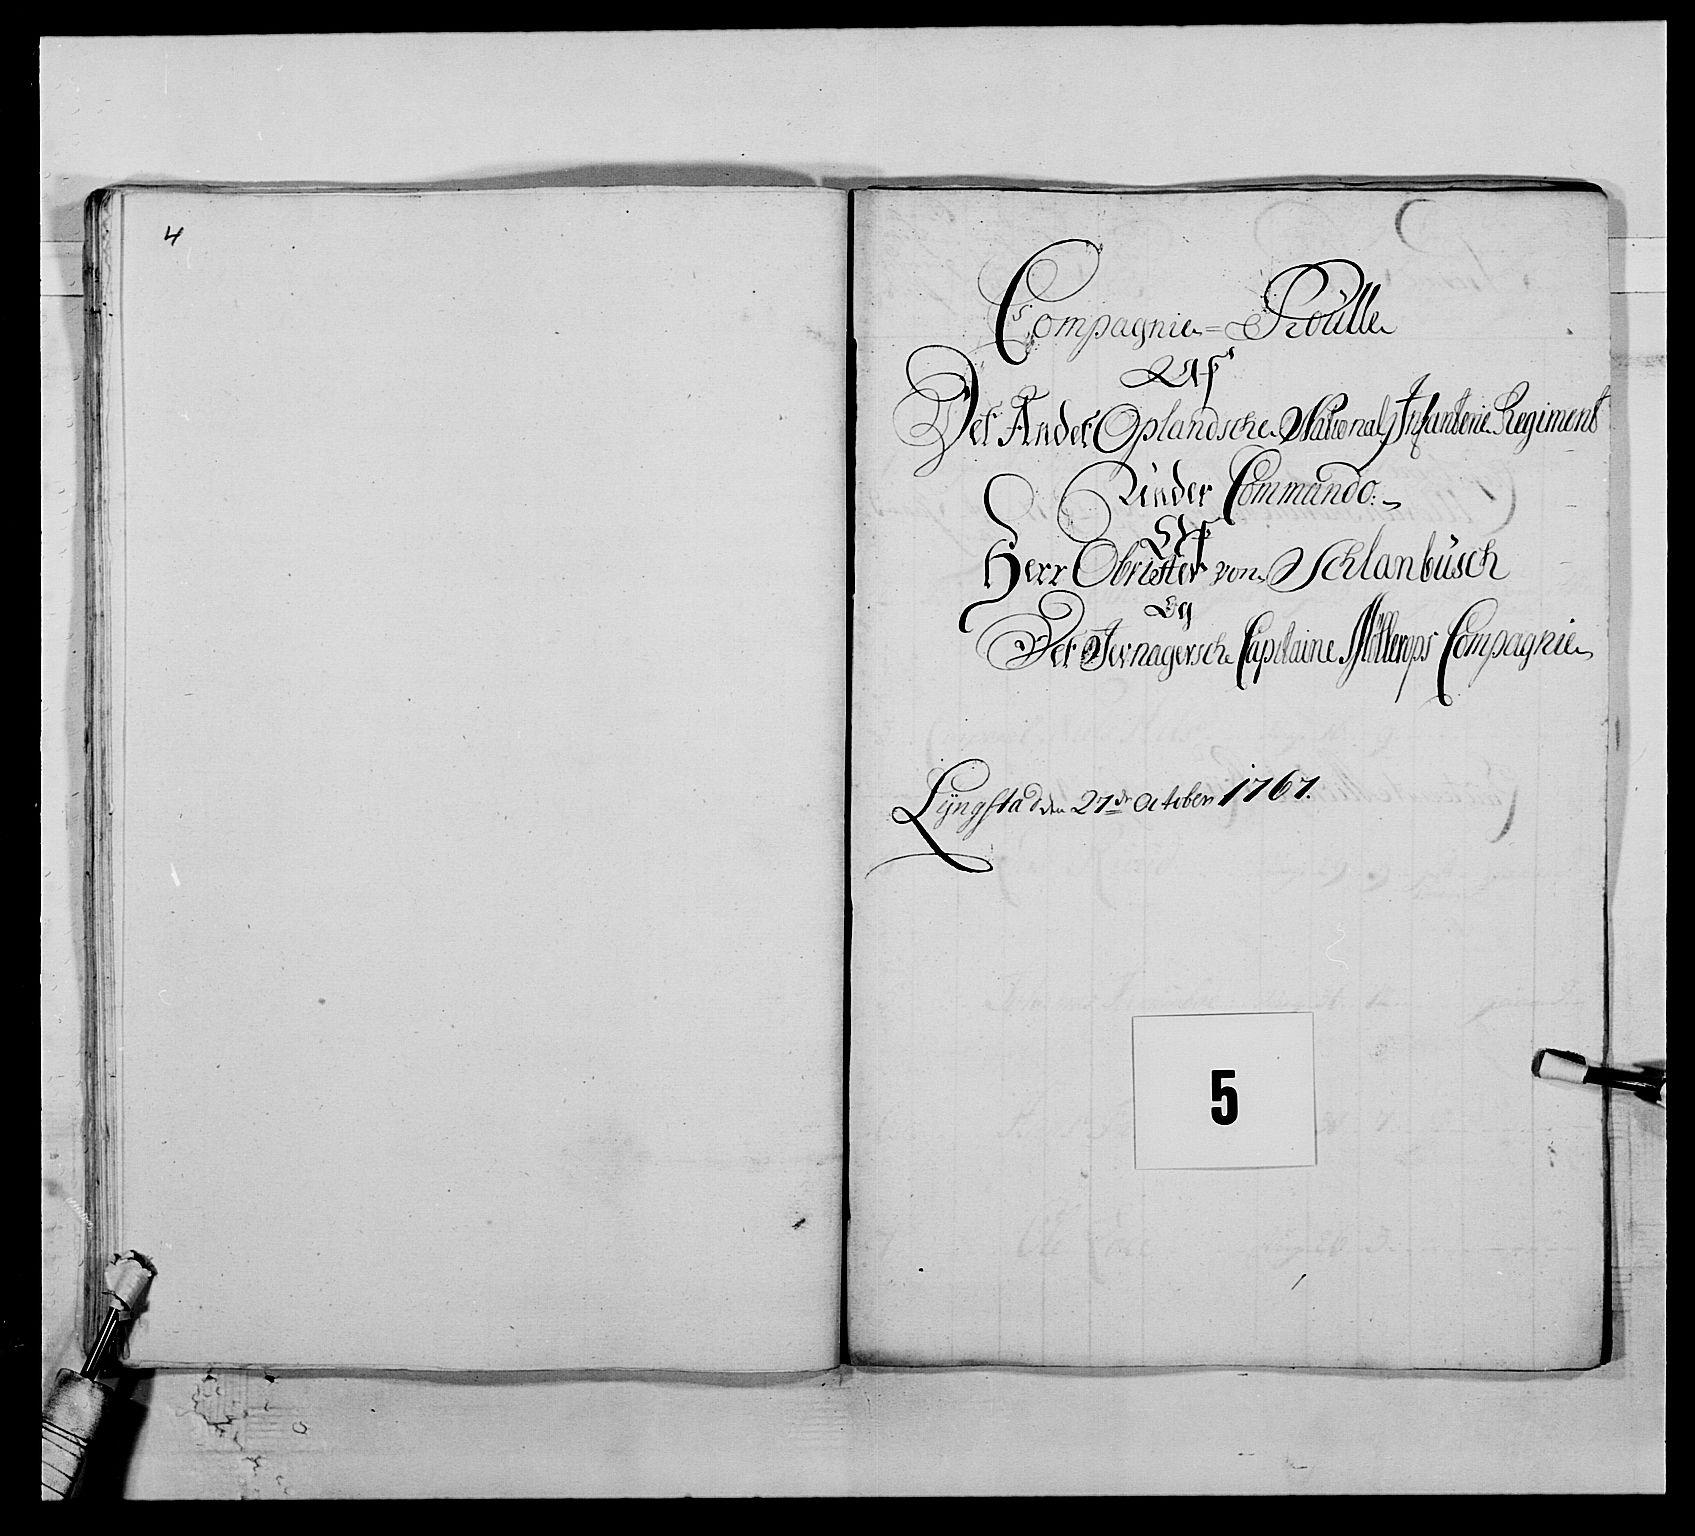 RA, Kommanderende general (KG I) med Det norske krigsdirektorium, E/Ea/L0507: 2. Opplandske regiment, 1766-1767, s. 70